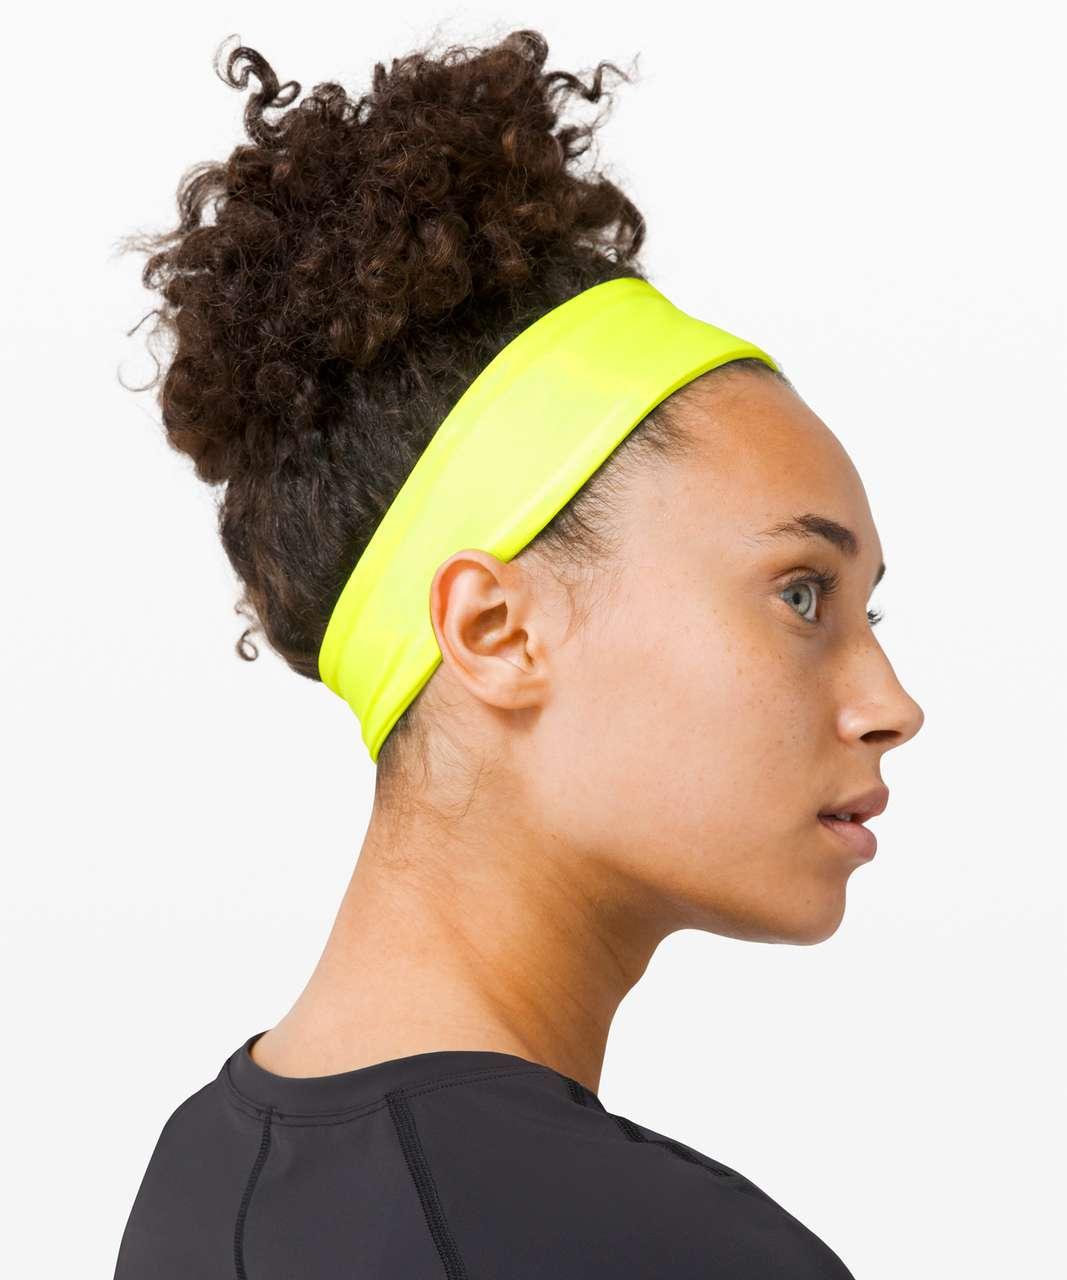 Lululemon Fly Away Tamer Headband II *Luxtreme - Highlight Yellow